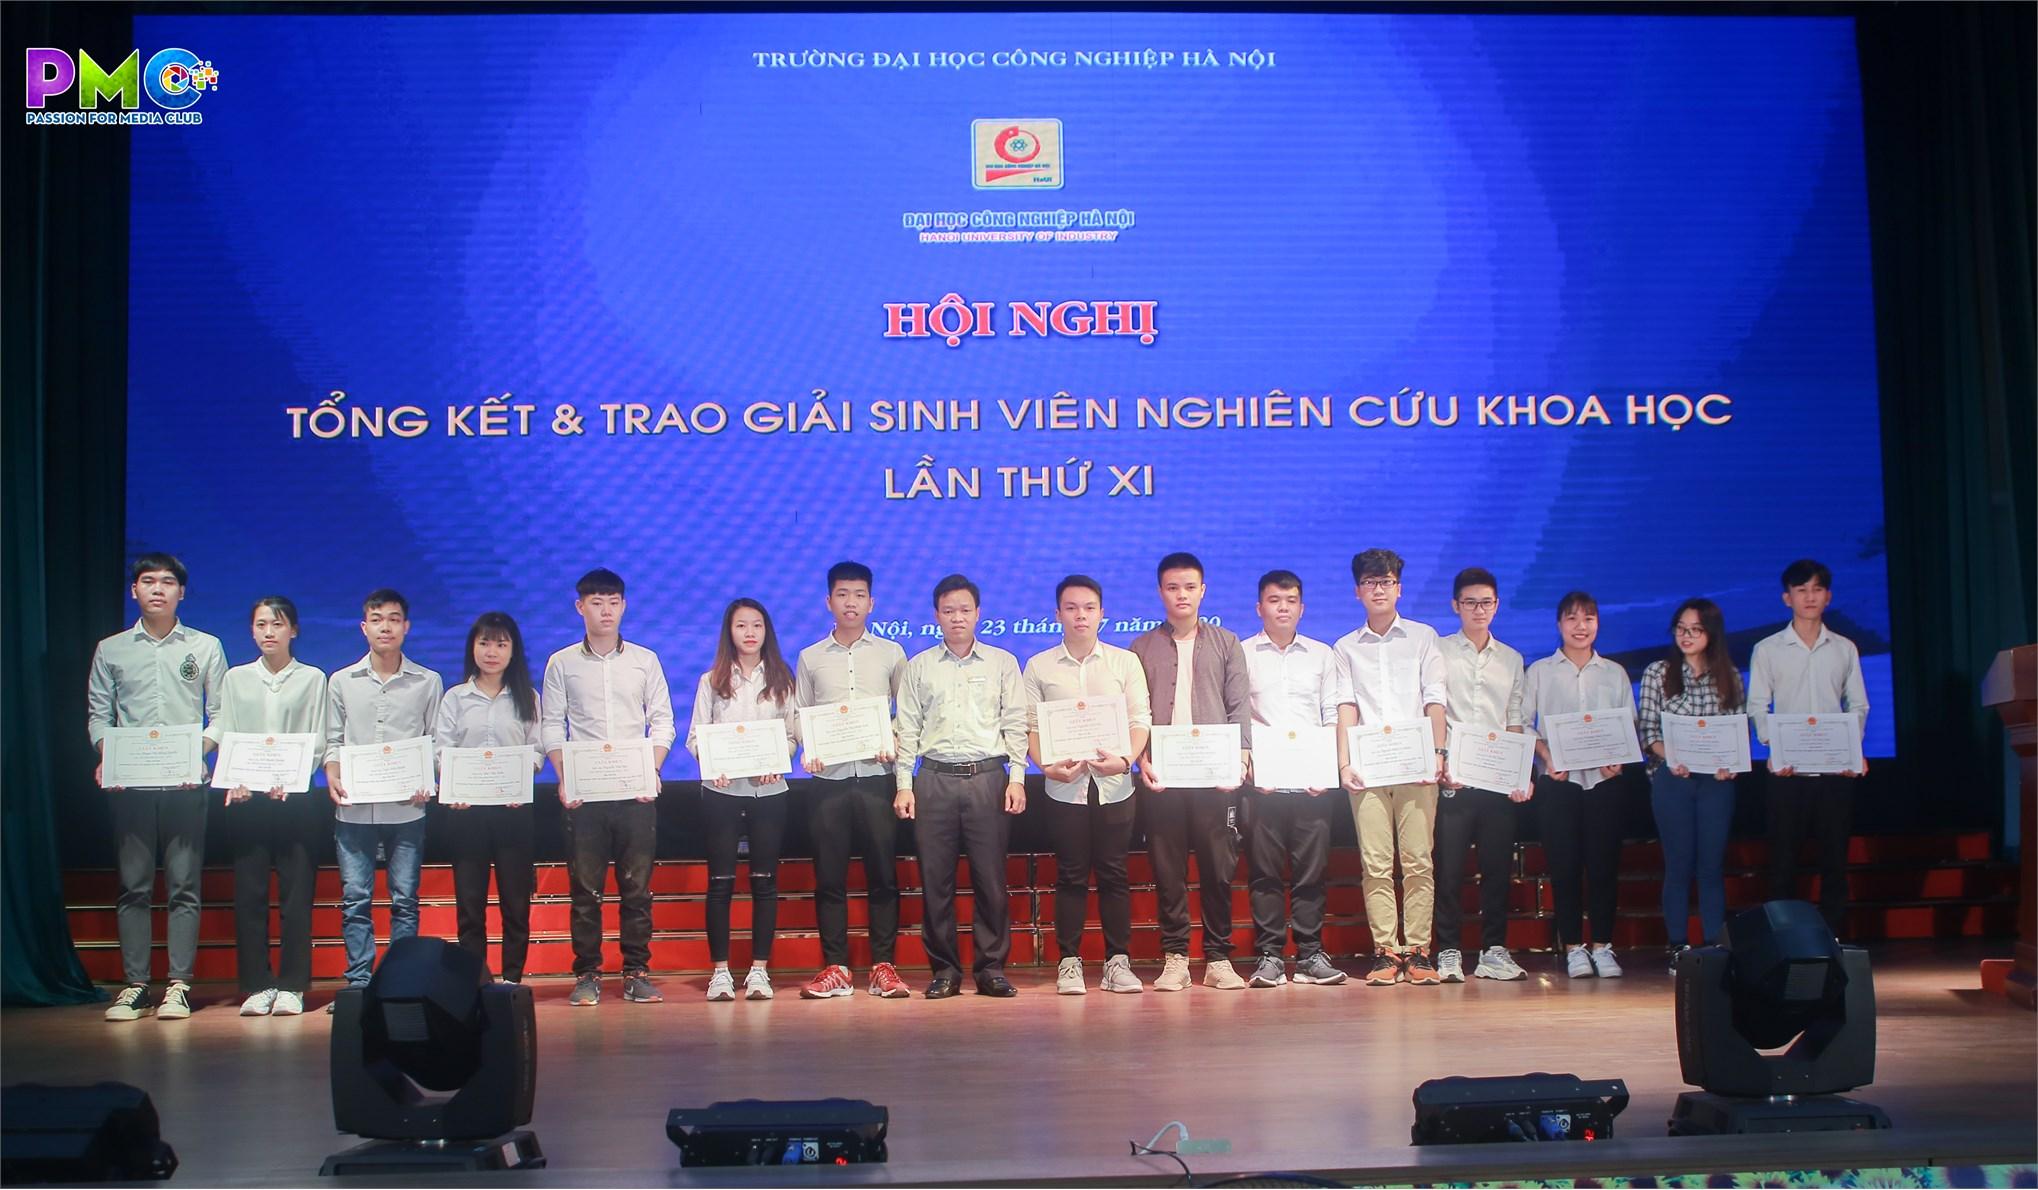 Sinh viên Khoa Điện tử giành 2 giải nhất trong hội Hội nghị tổng kết và trao giải sinh viên nghiên cứu khoa học lần thứ XI